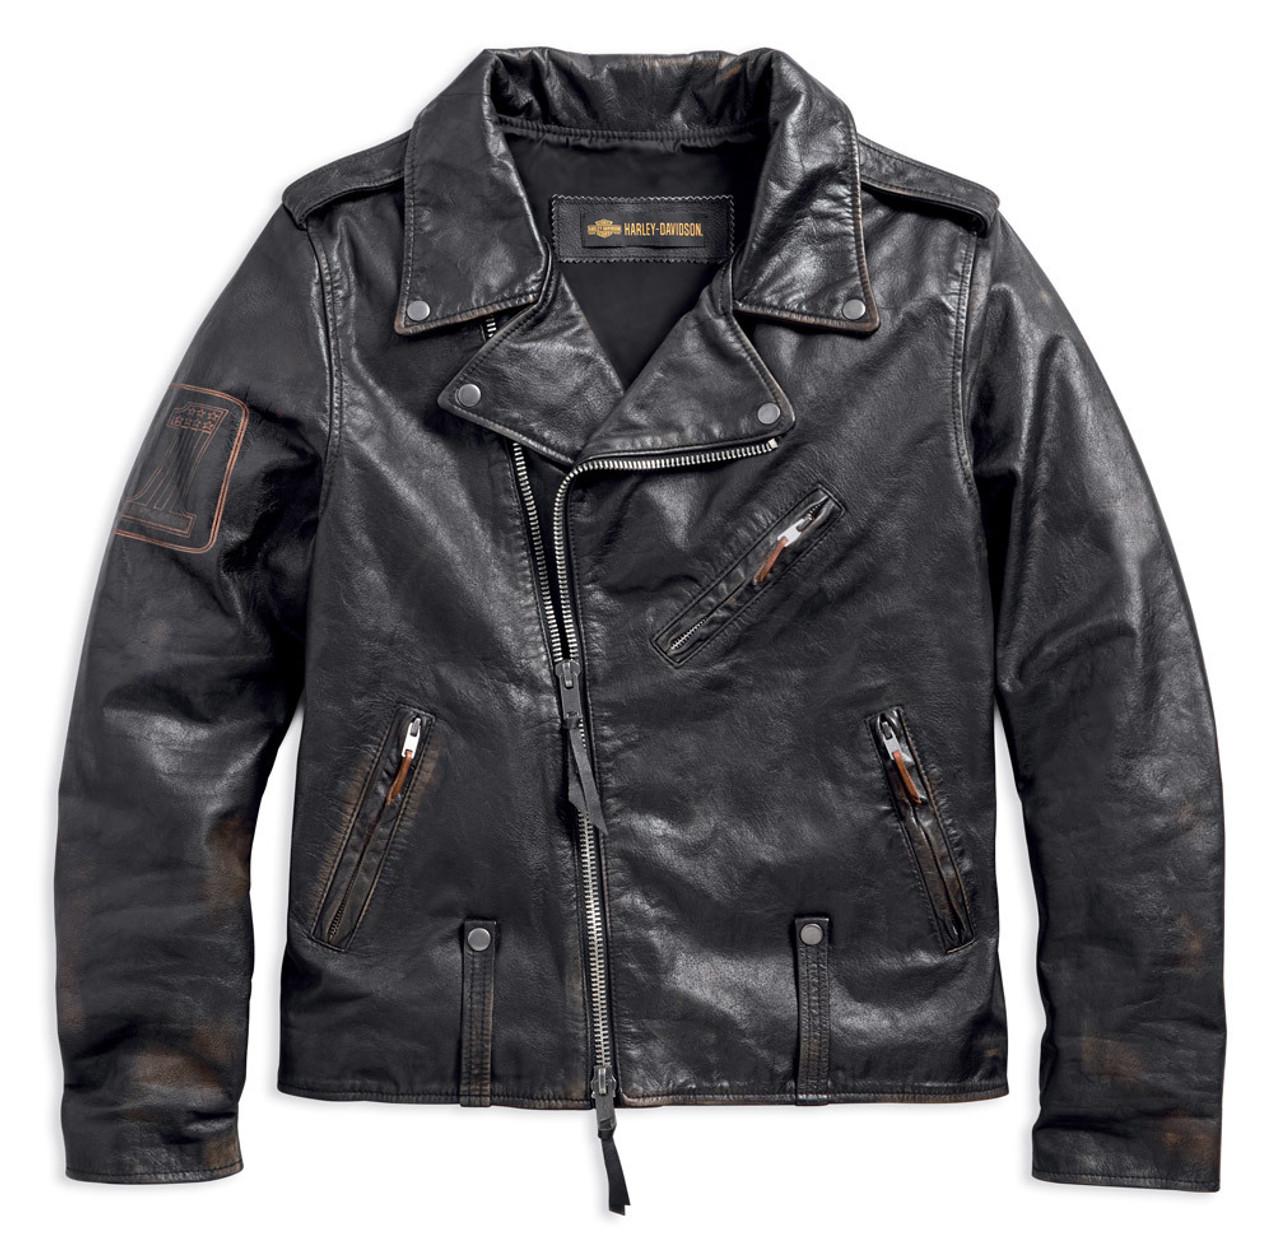 Harley-Davidson Men's Master Distressed Slim Fit Leather Biker Jacket 98003-18VM